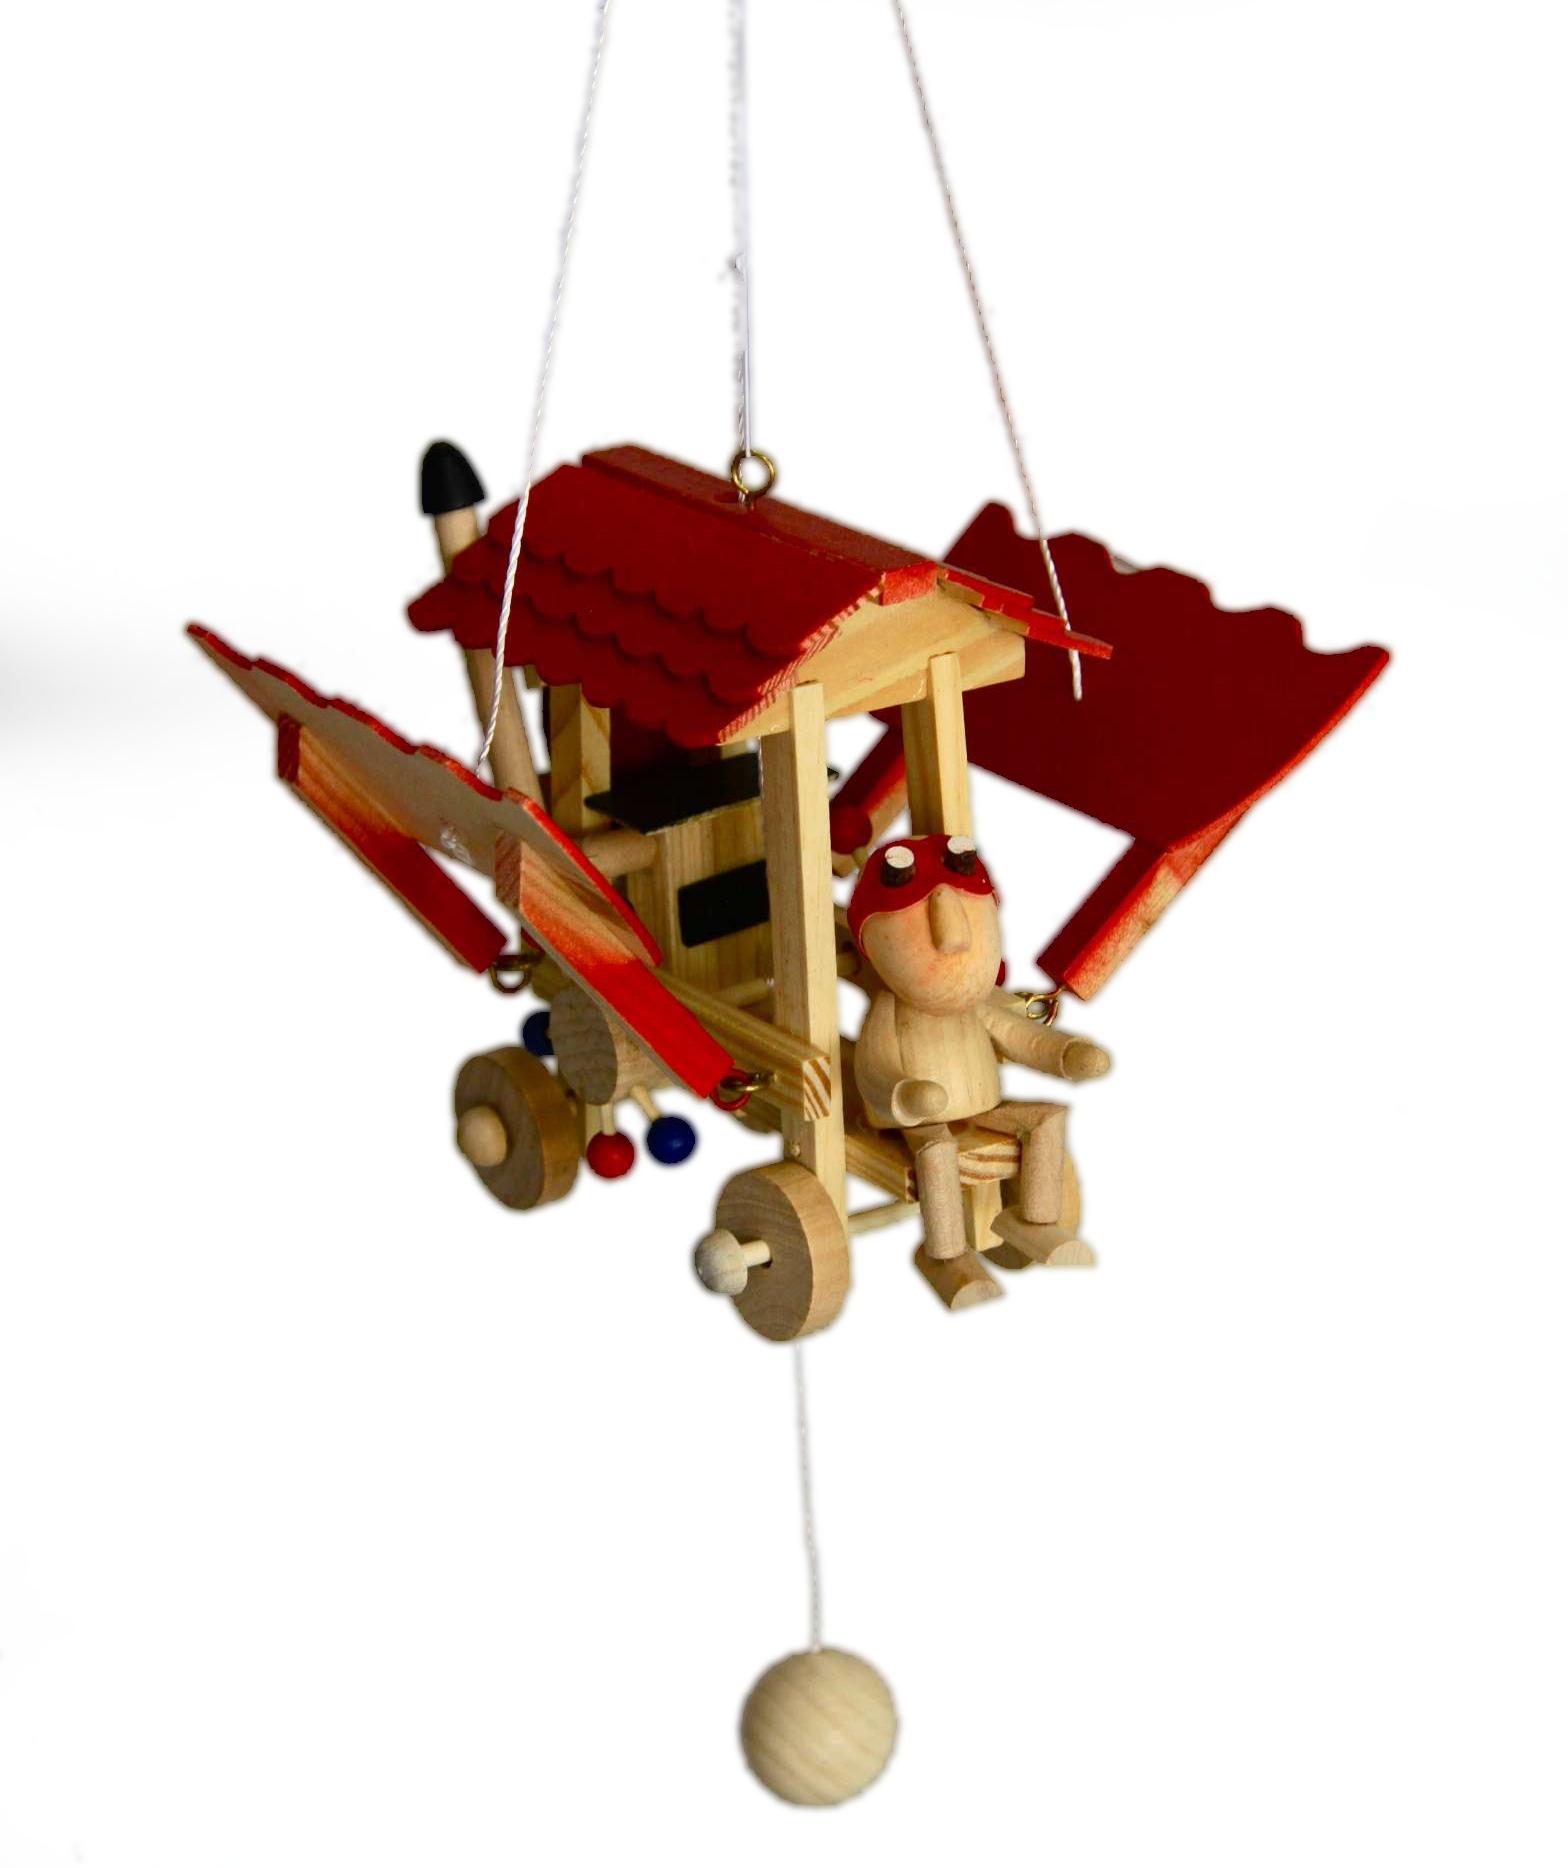 Dřevěná vzducholoď